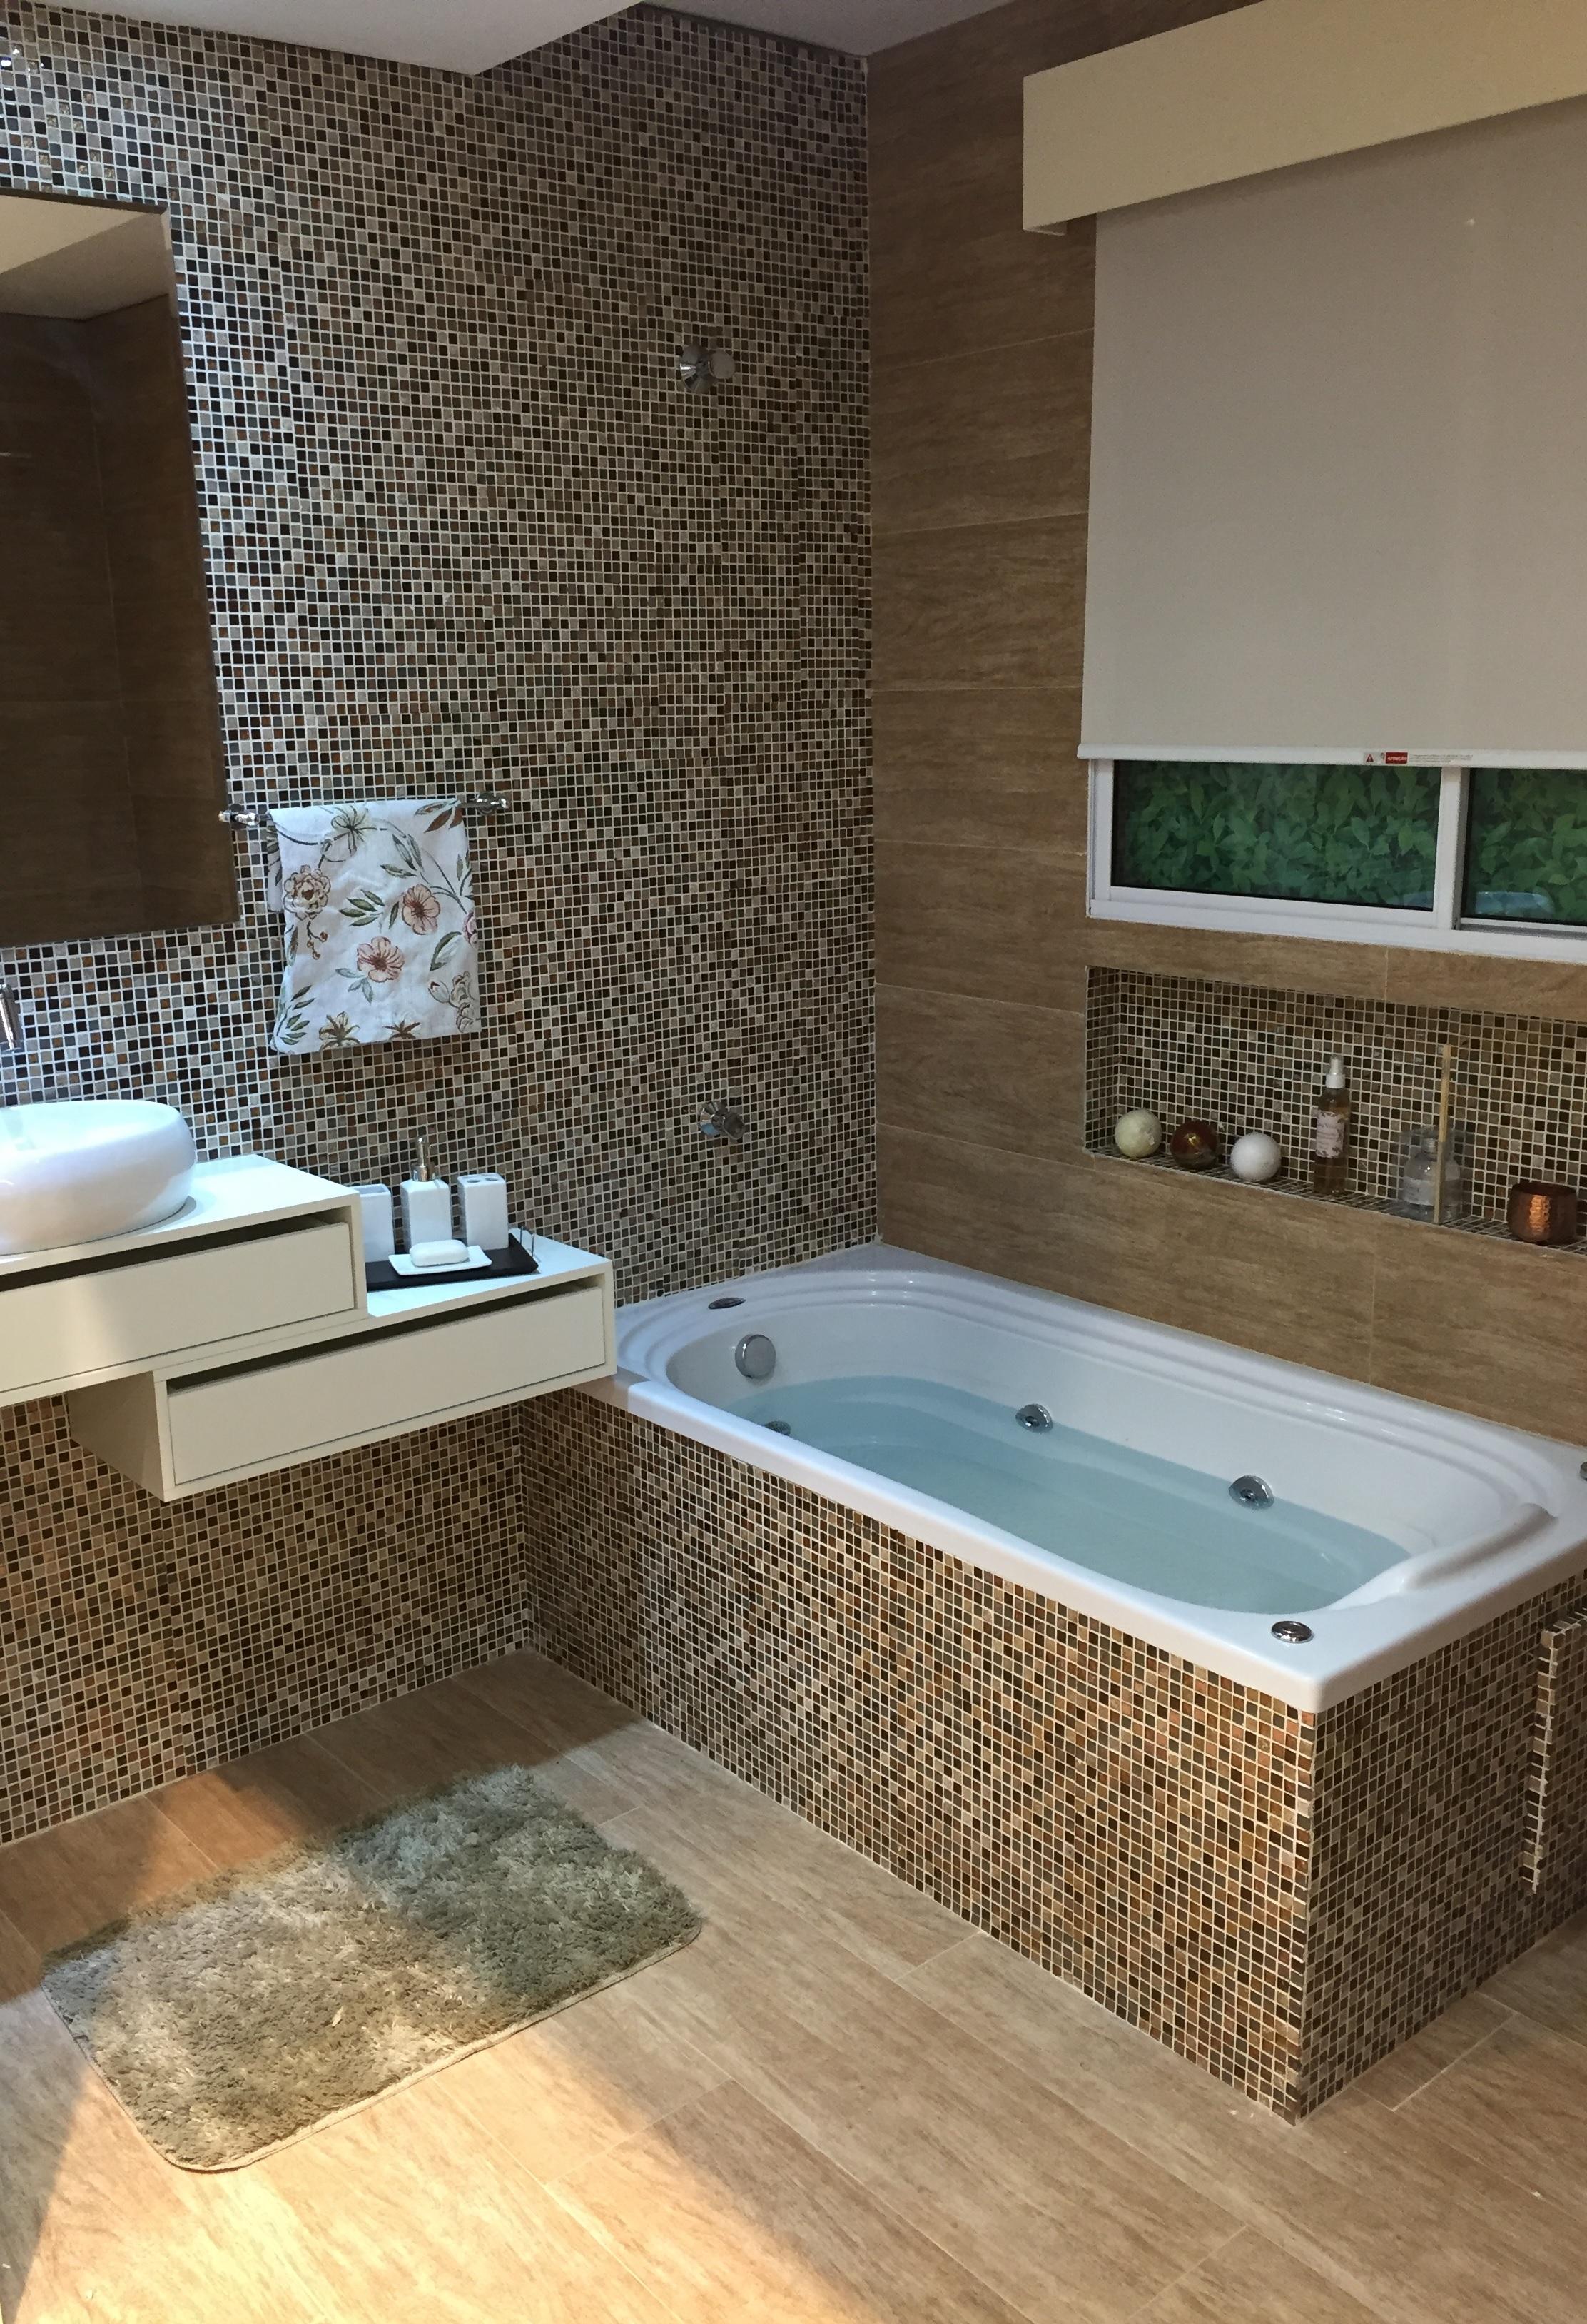 #474693 Banheiro Com Banheira Simples. Banheiro Simples Com  2224x3256 px banheira pequena simples